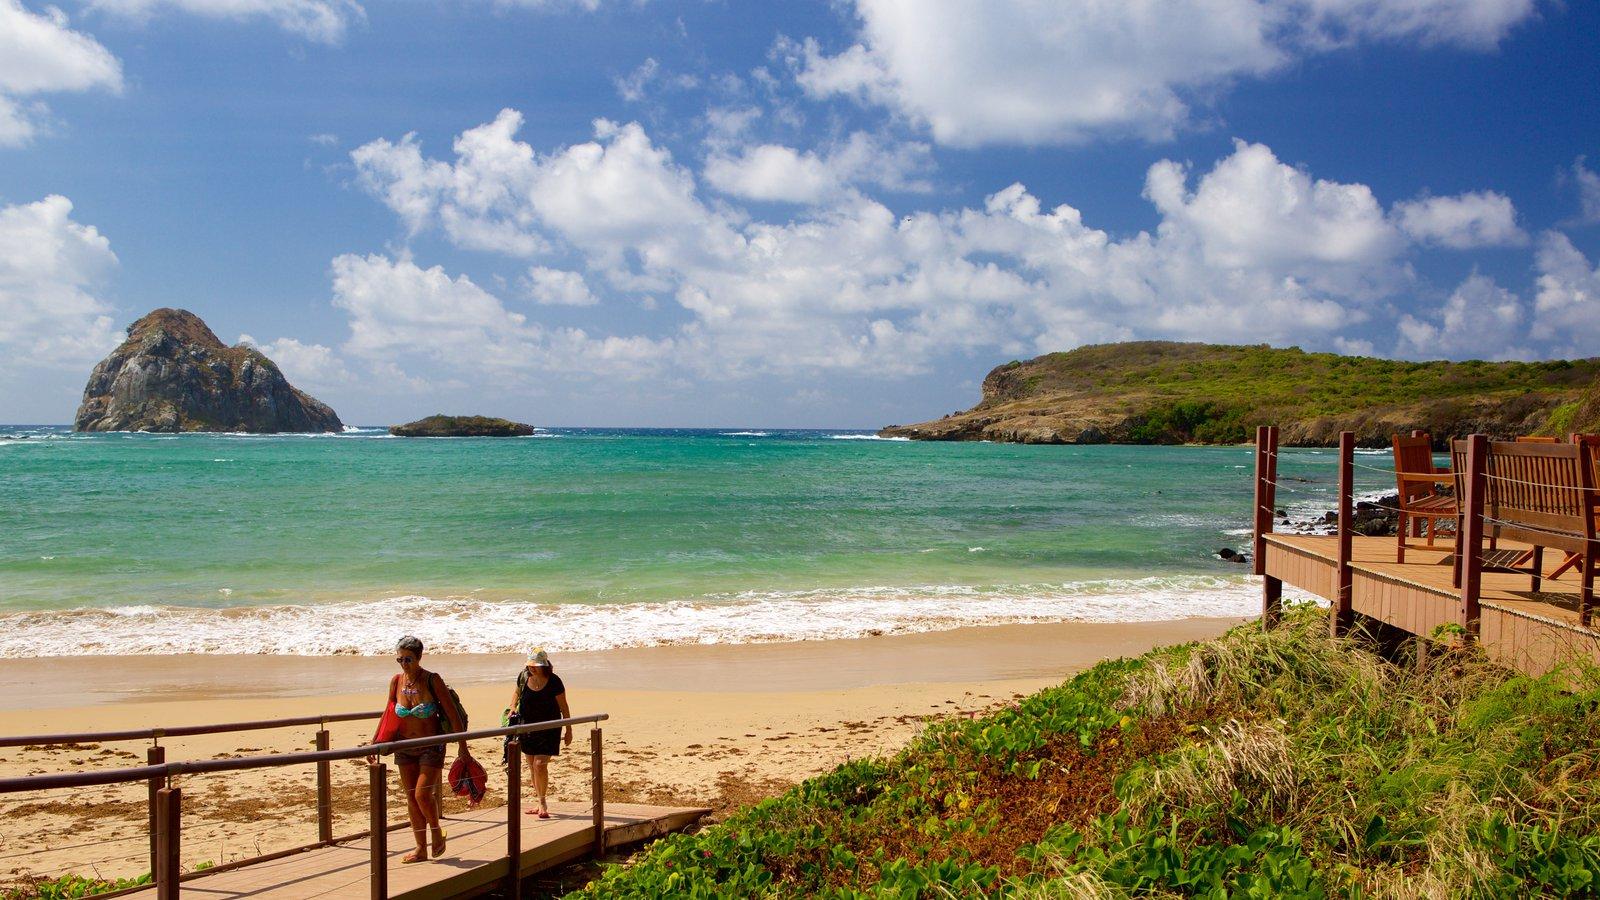 Praia do Sueste caracterizando paisagens litorâneas e uma praia de areia assim como um pequeno grupo de pessoas